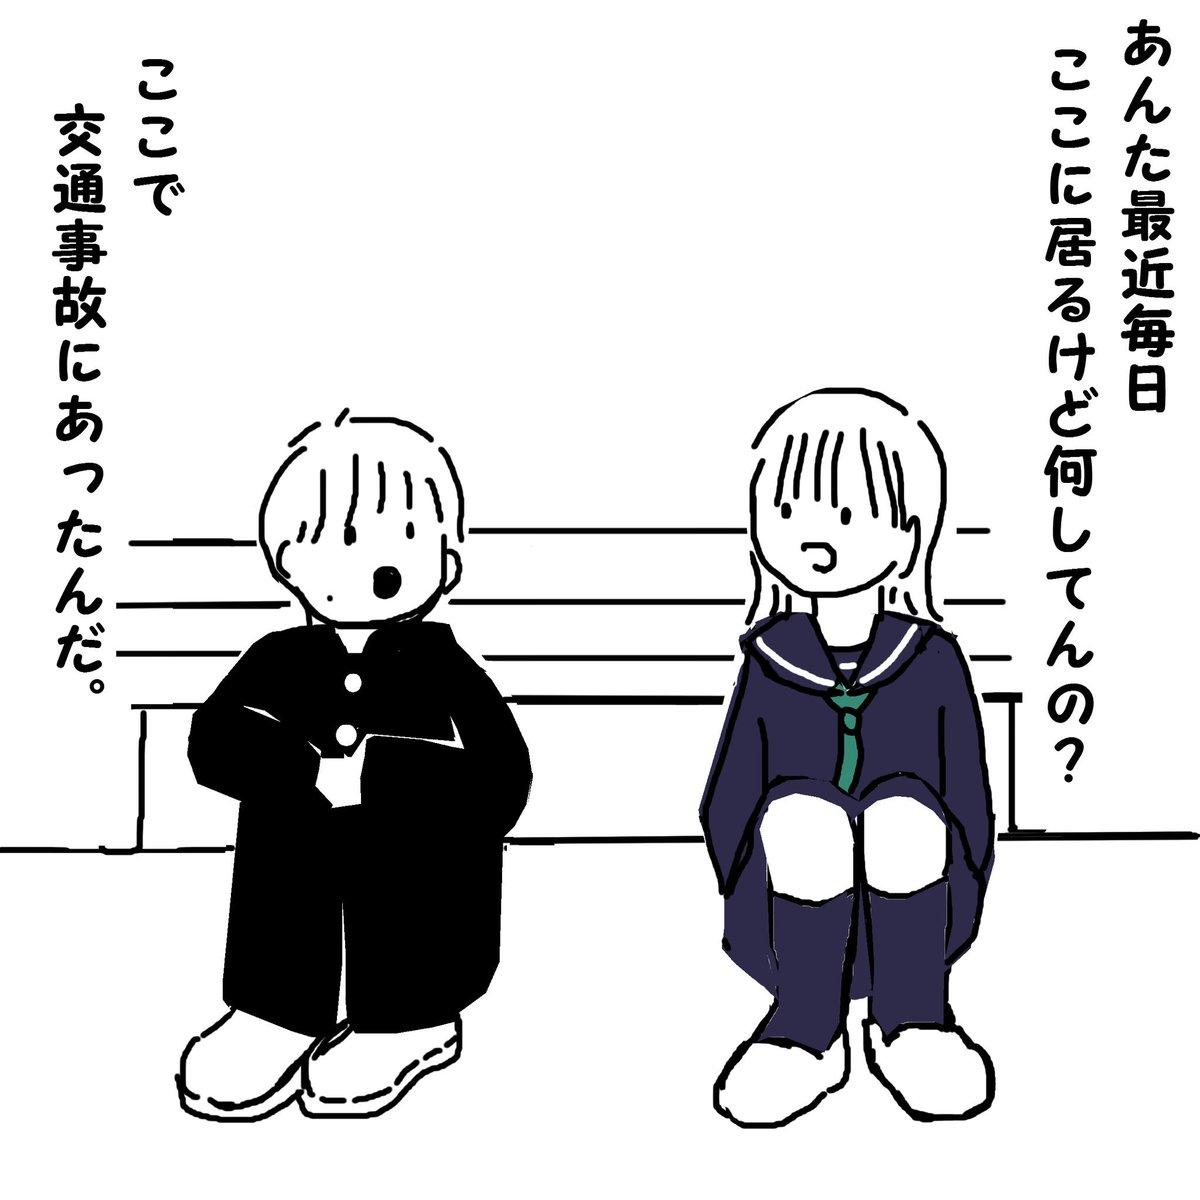 幽霊と学生。